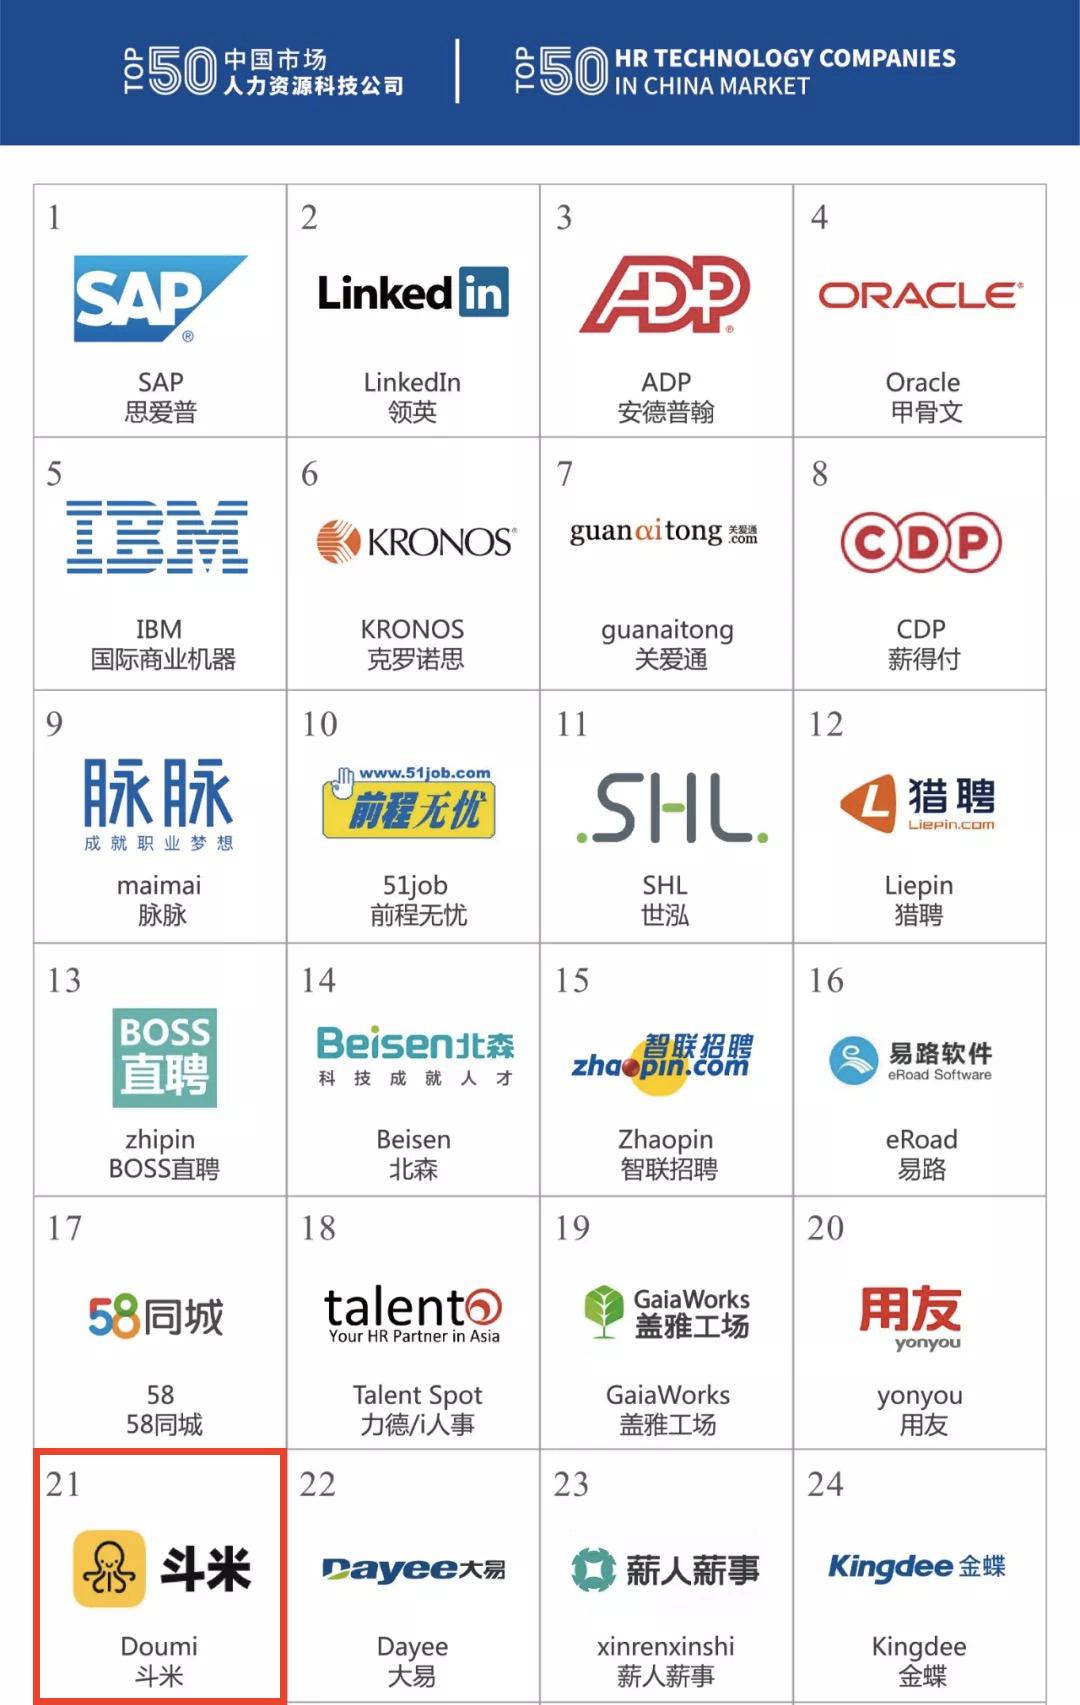 以科技赋能招聘,斗米入选中国市场人力资源科技公司50强